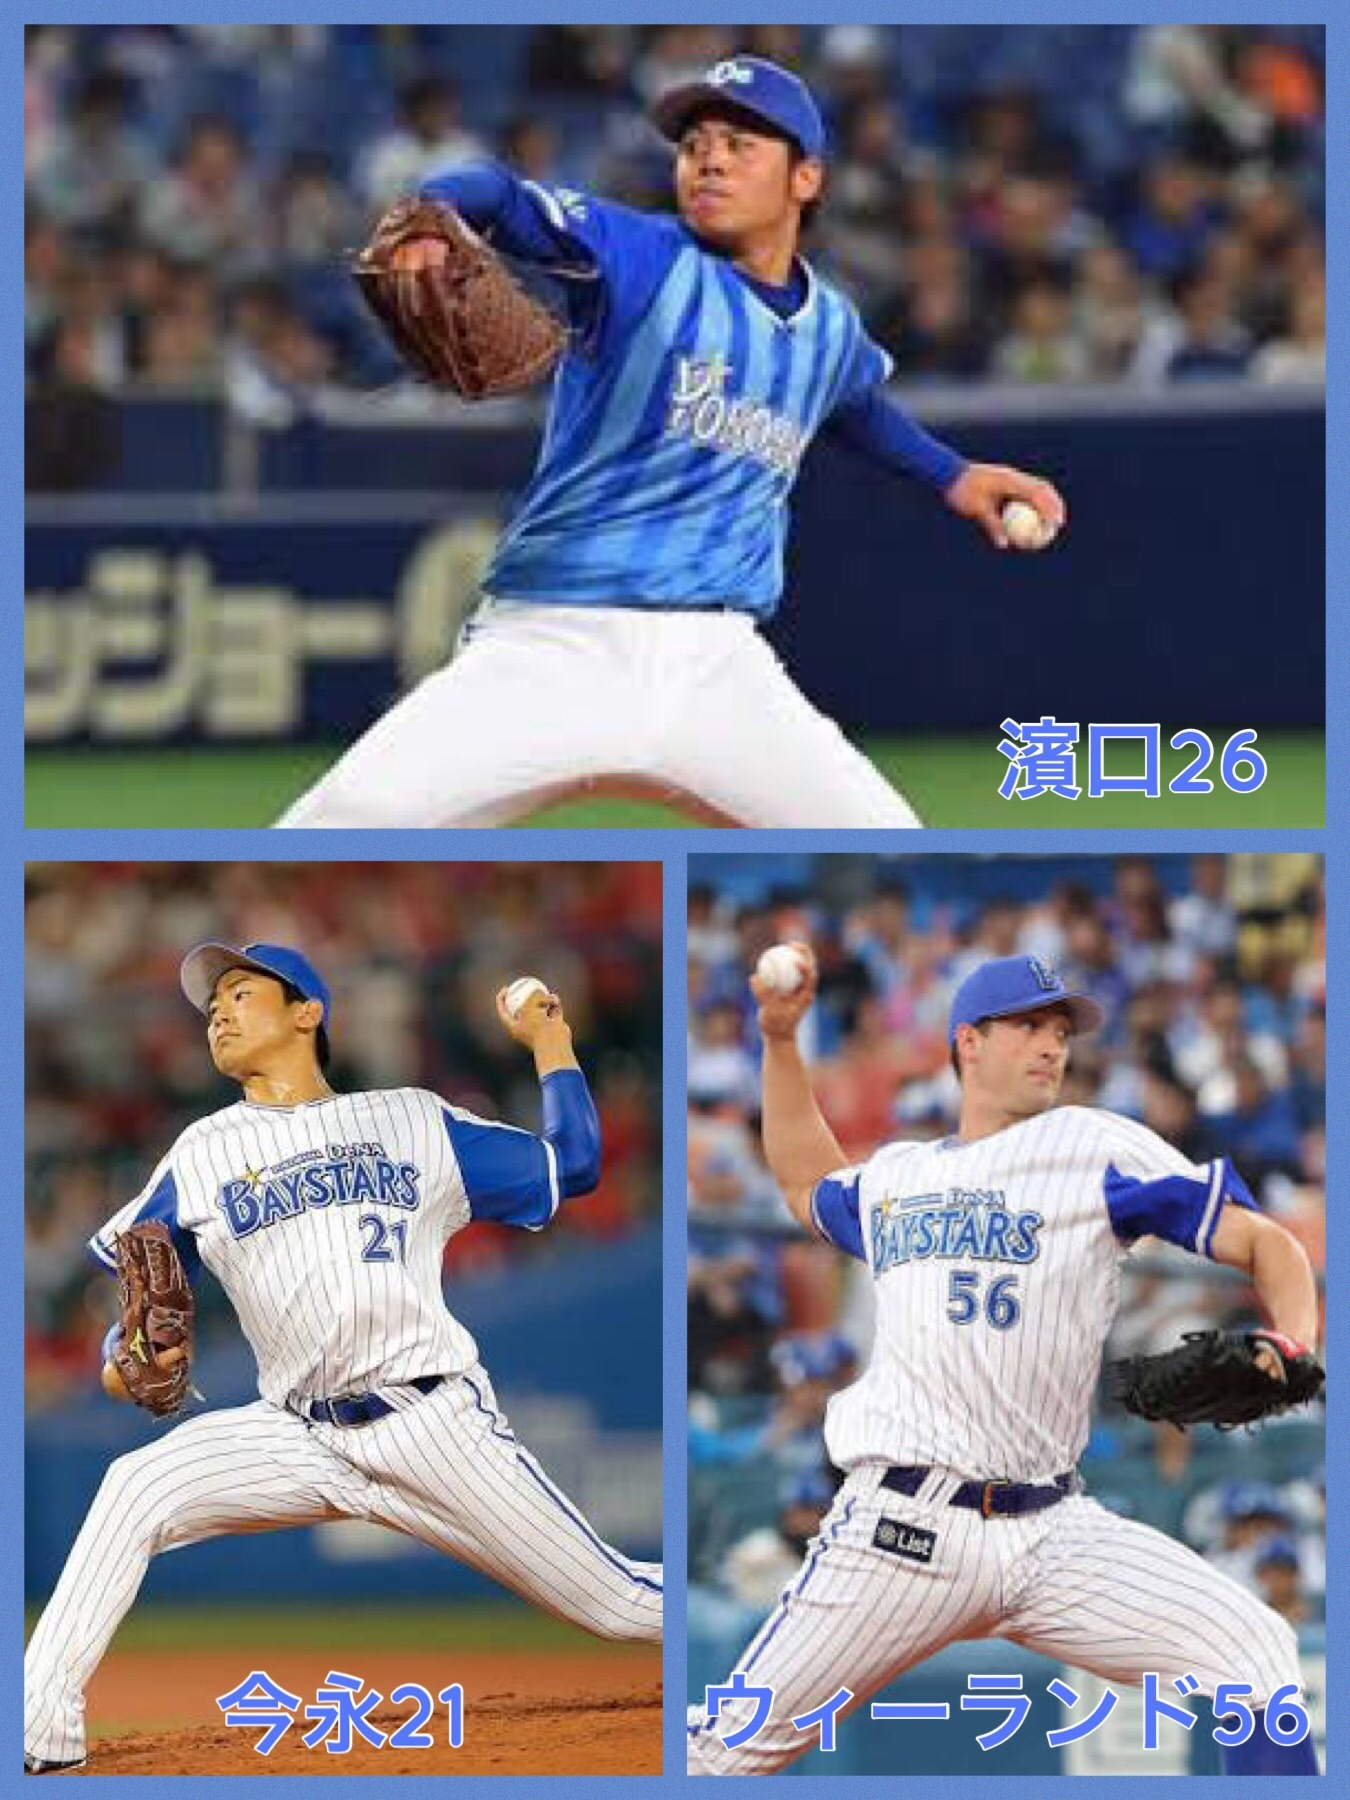 横浜ベイスターズ2018 開幕ダッシュ 怪我による出遅れ3投手